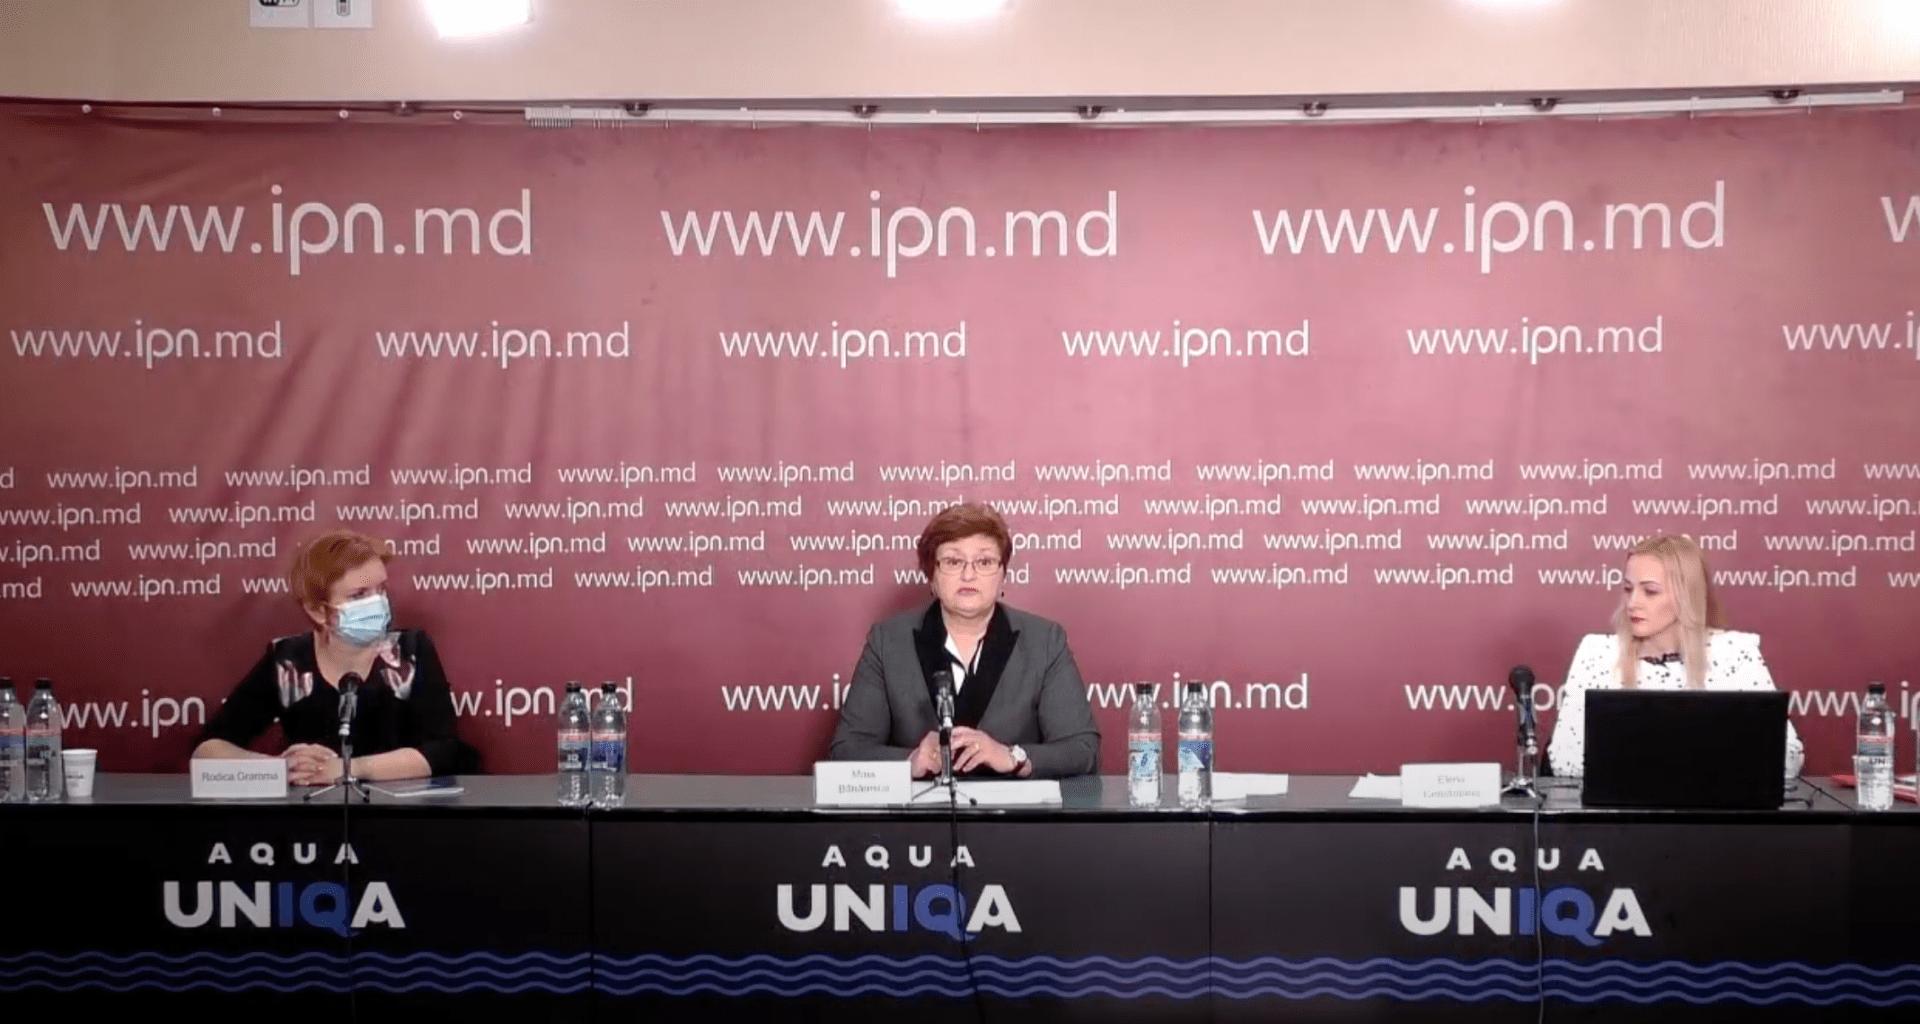 Maia Bănărescu: Copiilor instituționalizați din focarele cu tuberculoză le sunt lezate drepturile la sănătate, educație, familie și opinie.